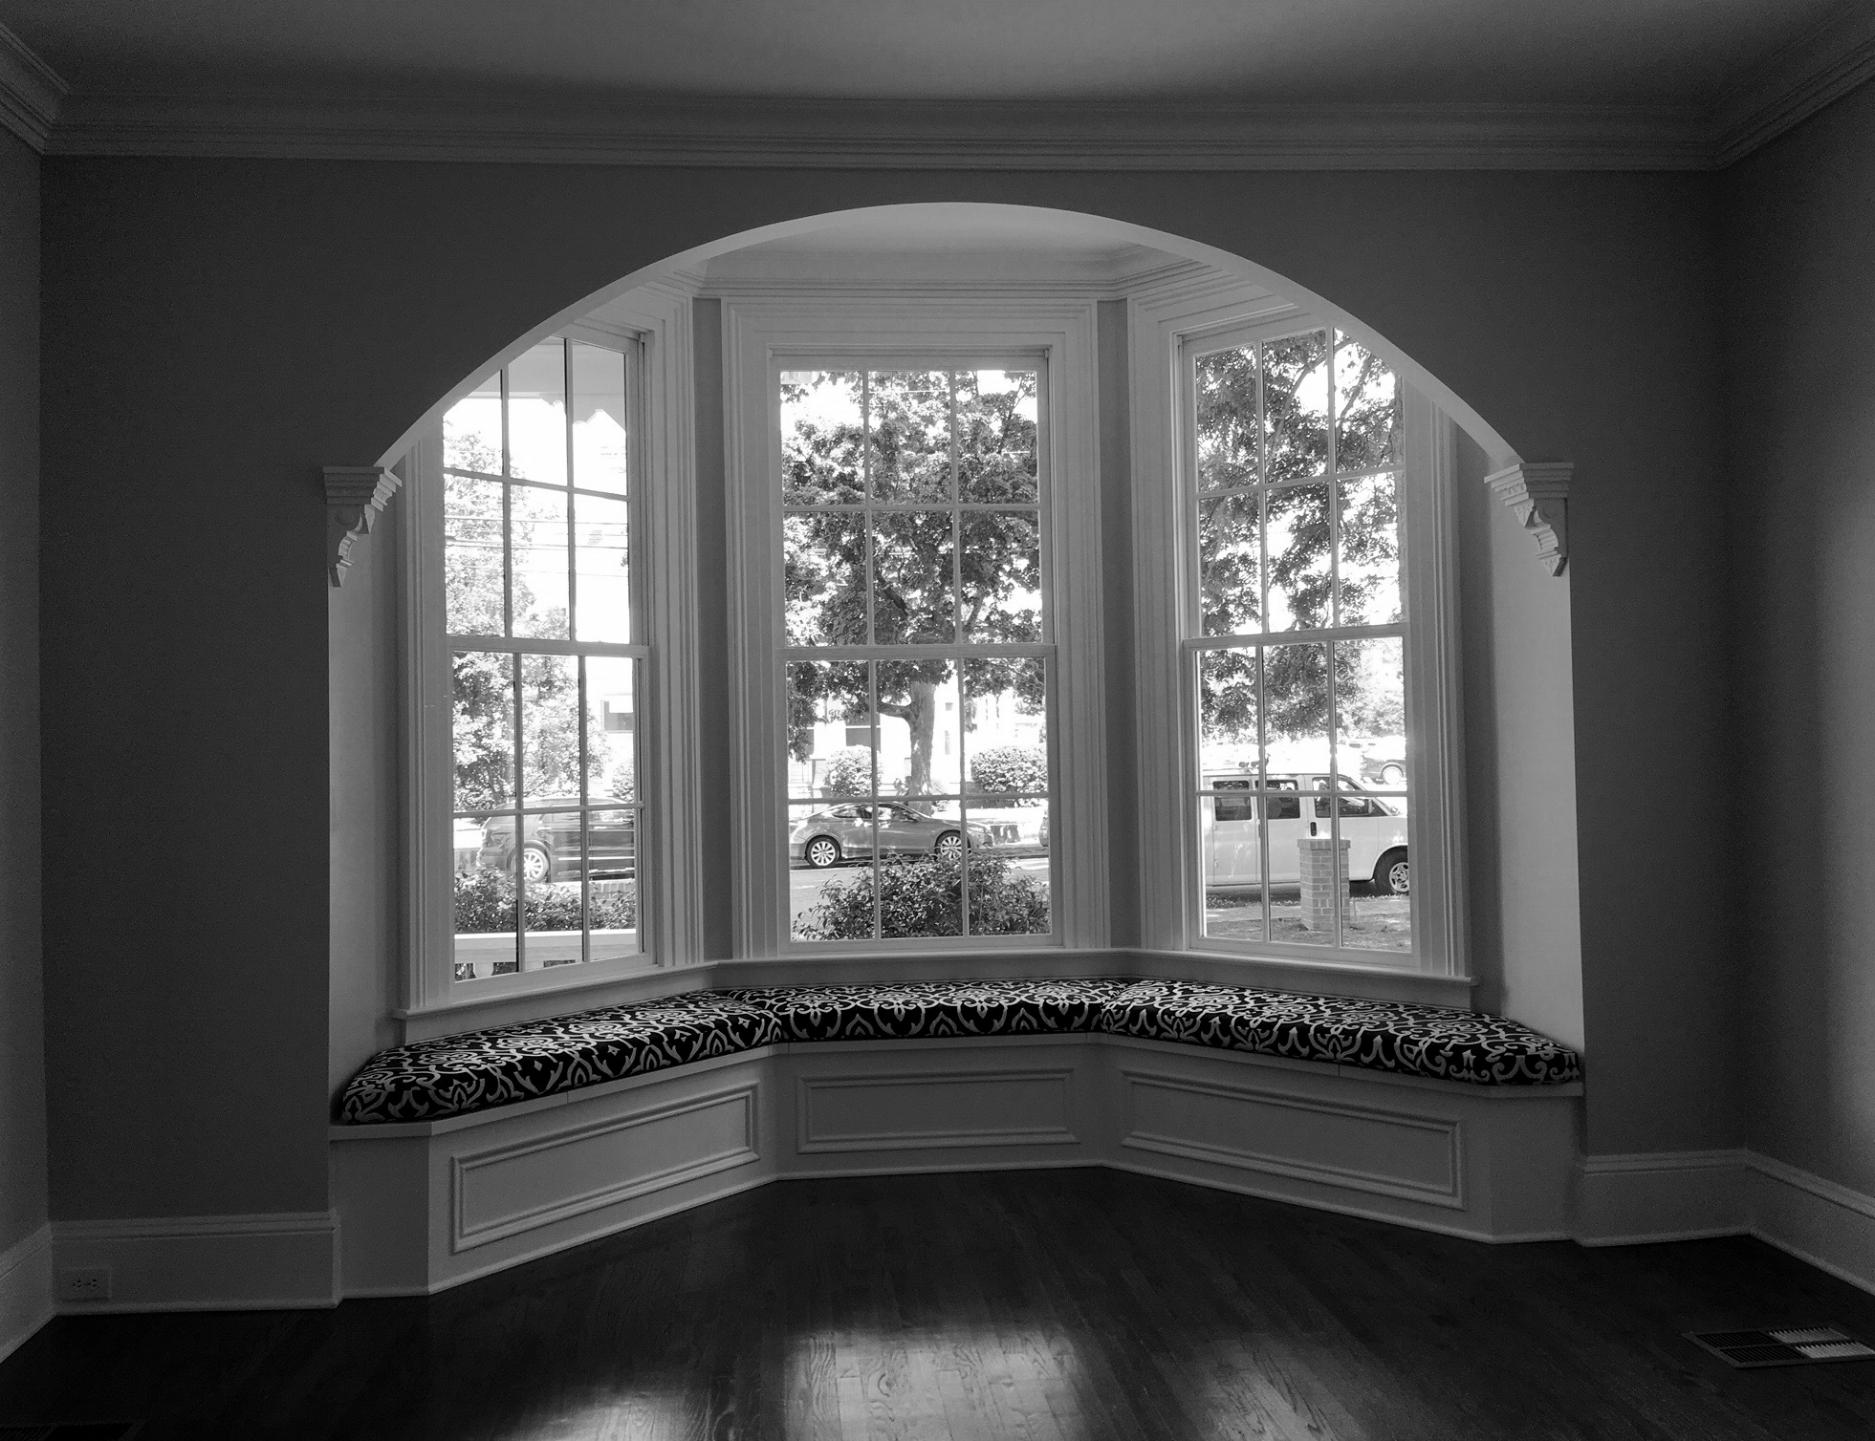 Interior East Arch B&W.jpg